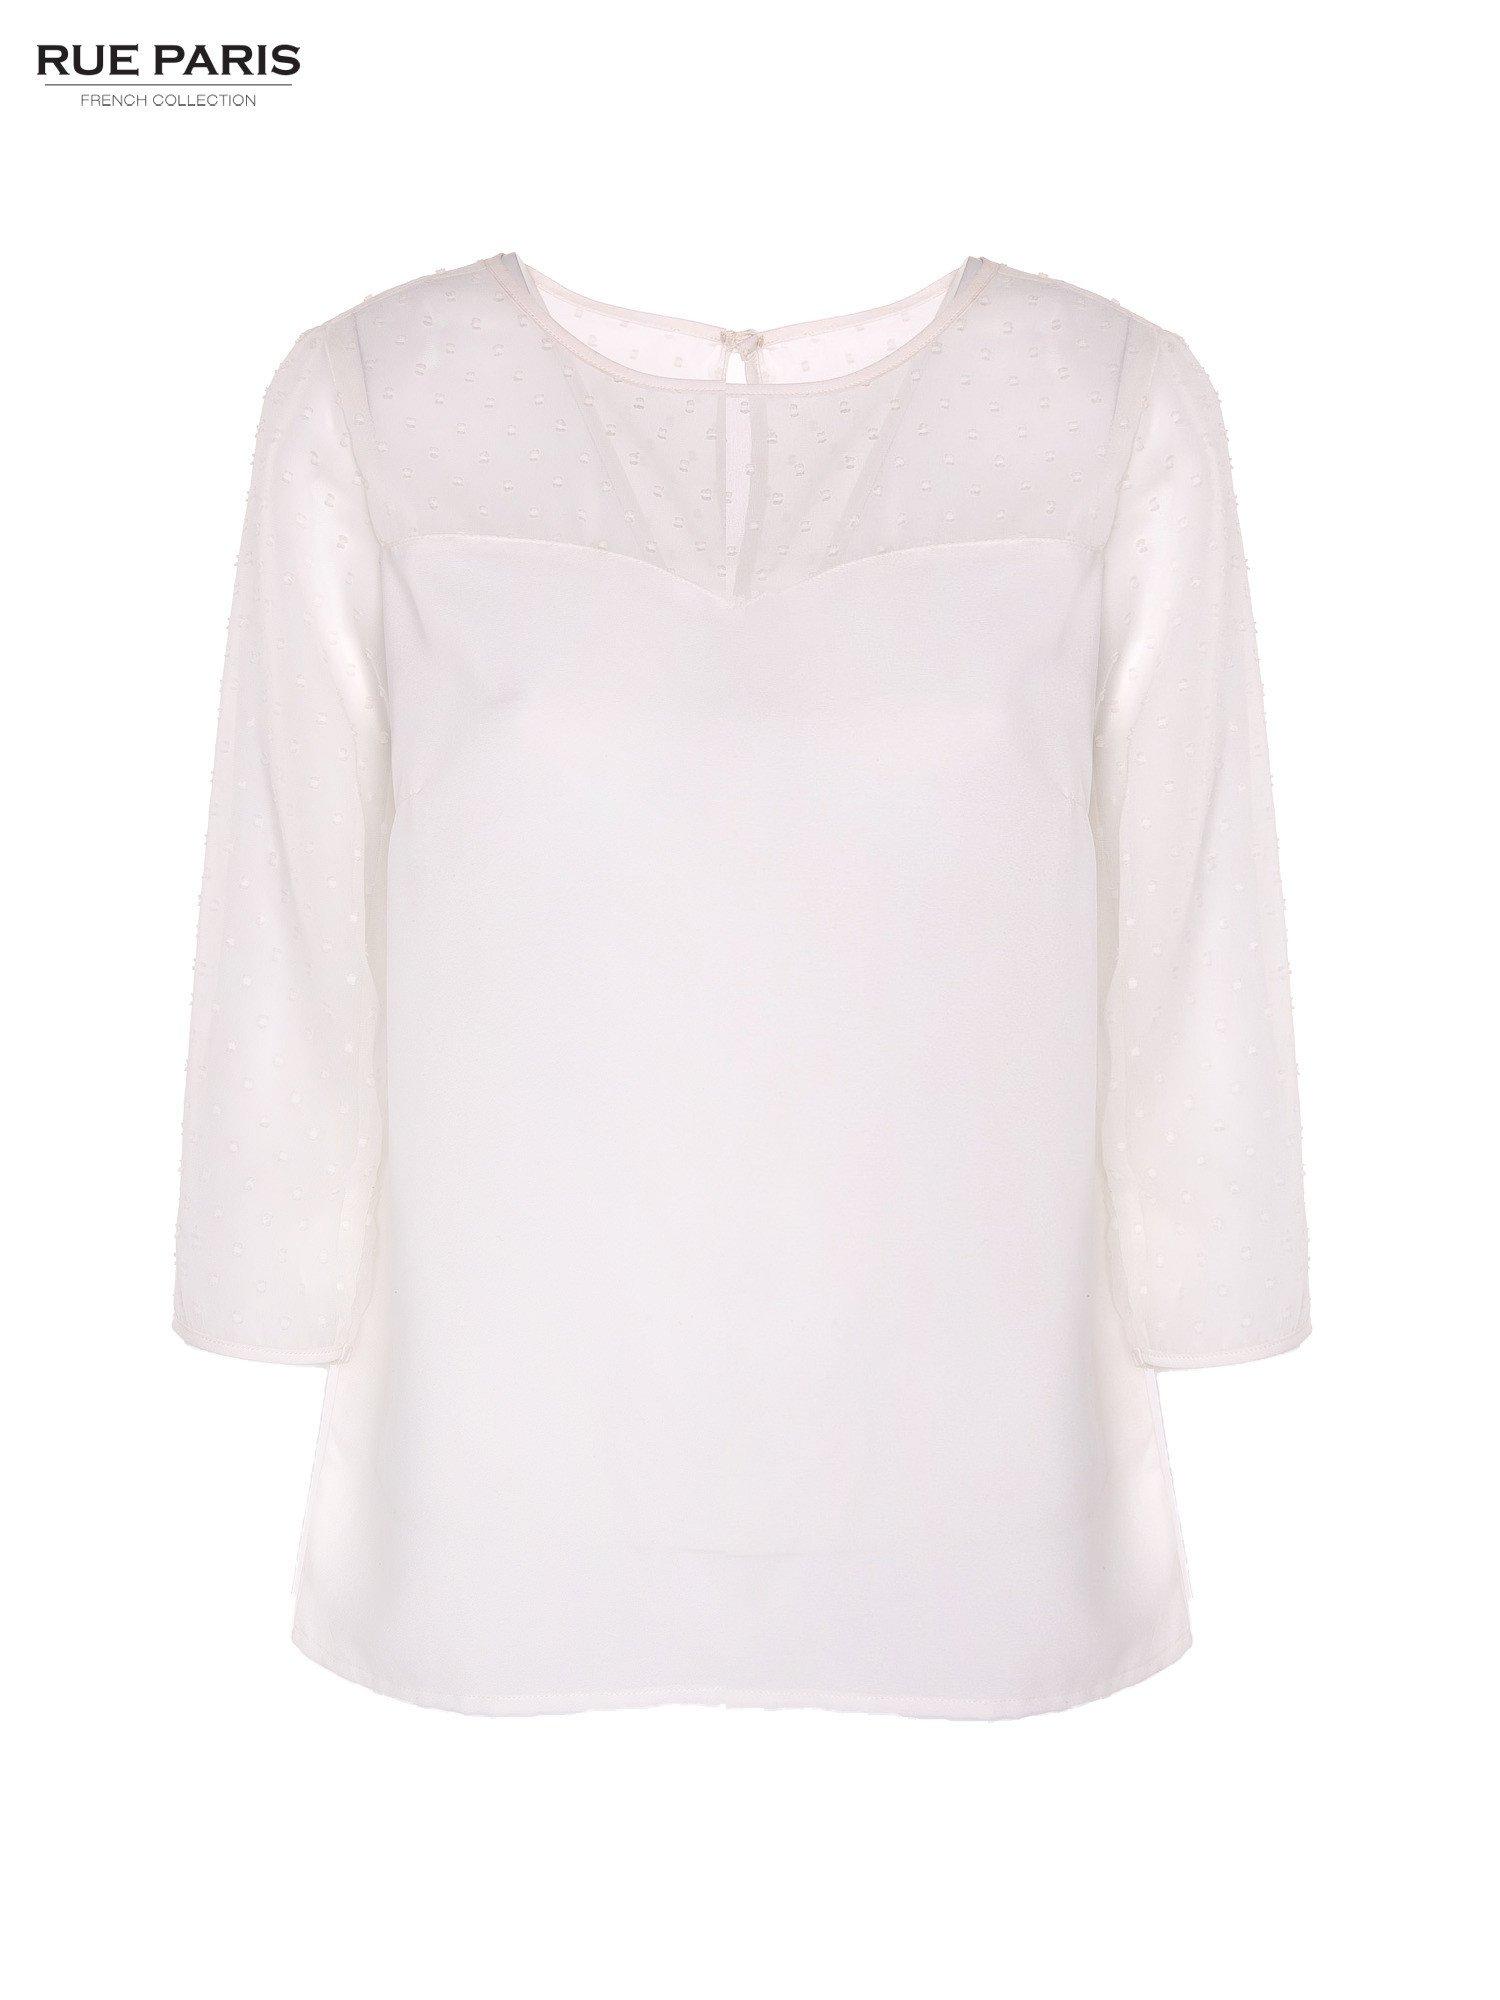 Koszula z przezroczystym materiałem w groszki w kolorze ecru                                  zdj.                                  4